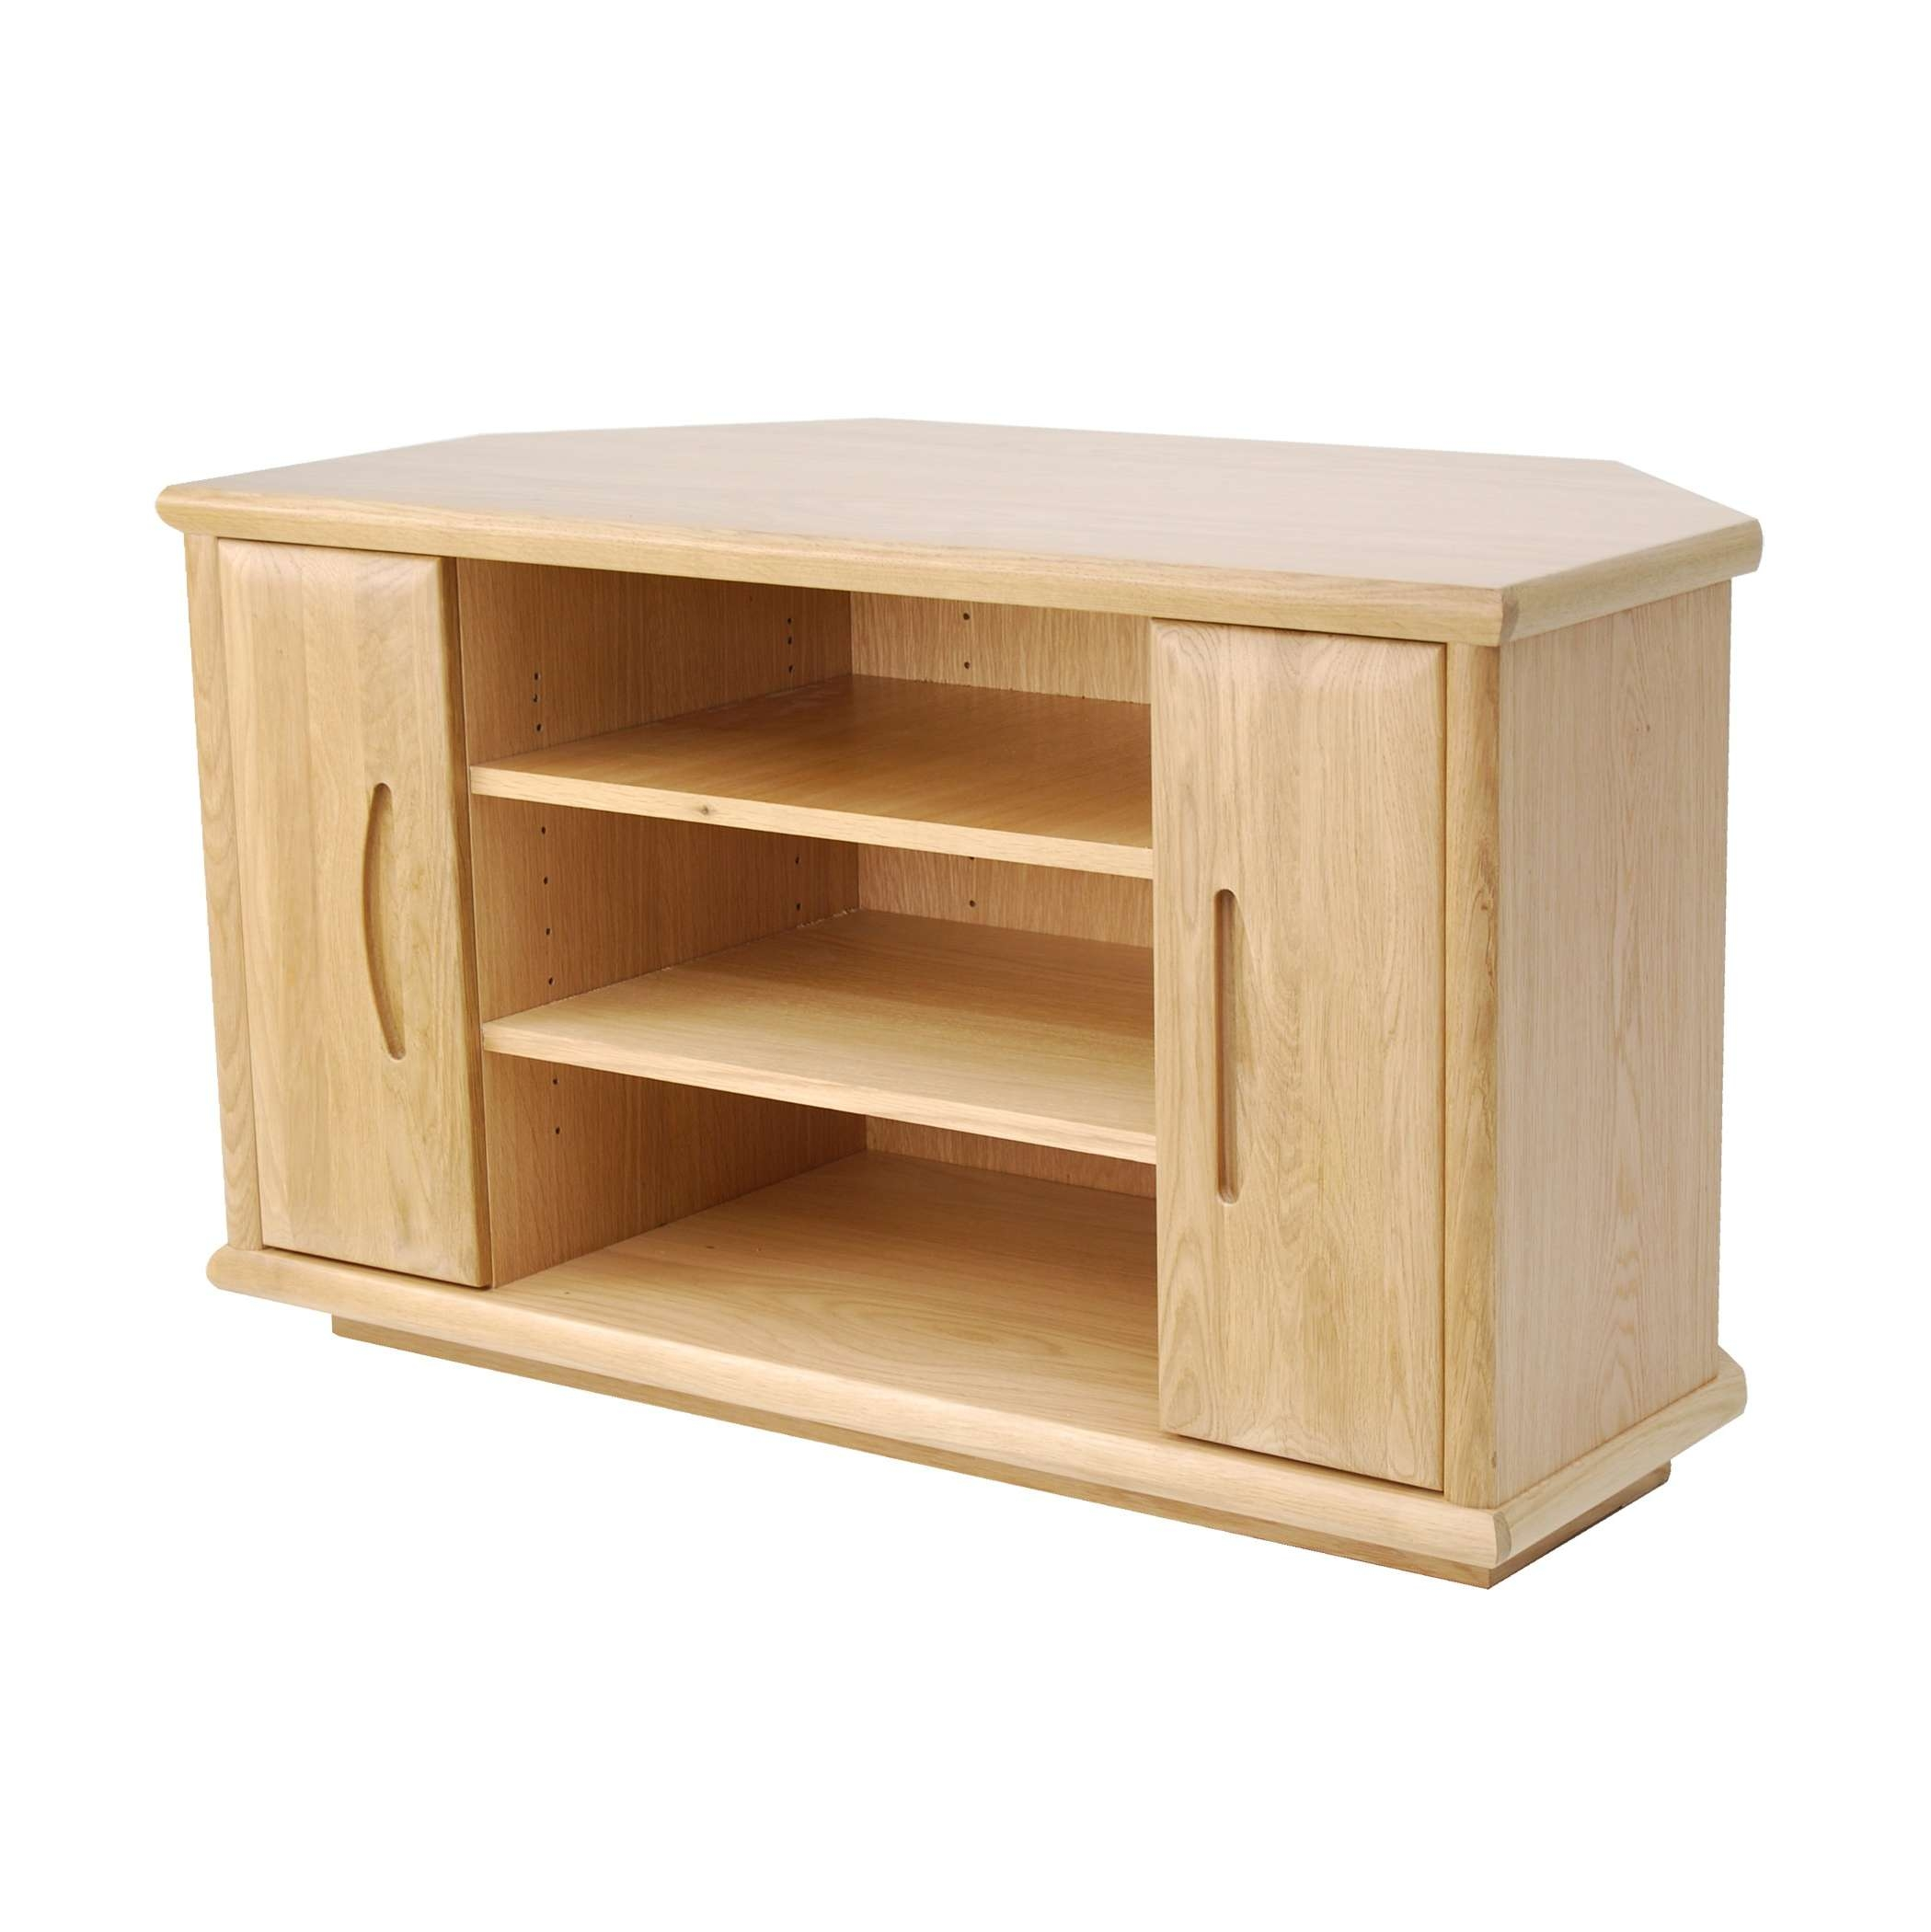 Oak Corner Tv Stand | Gola Furniture Uk In Oak Corner Tv Stands (Gallery 1 of 15)